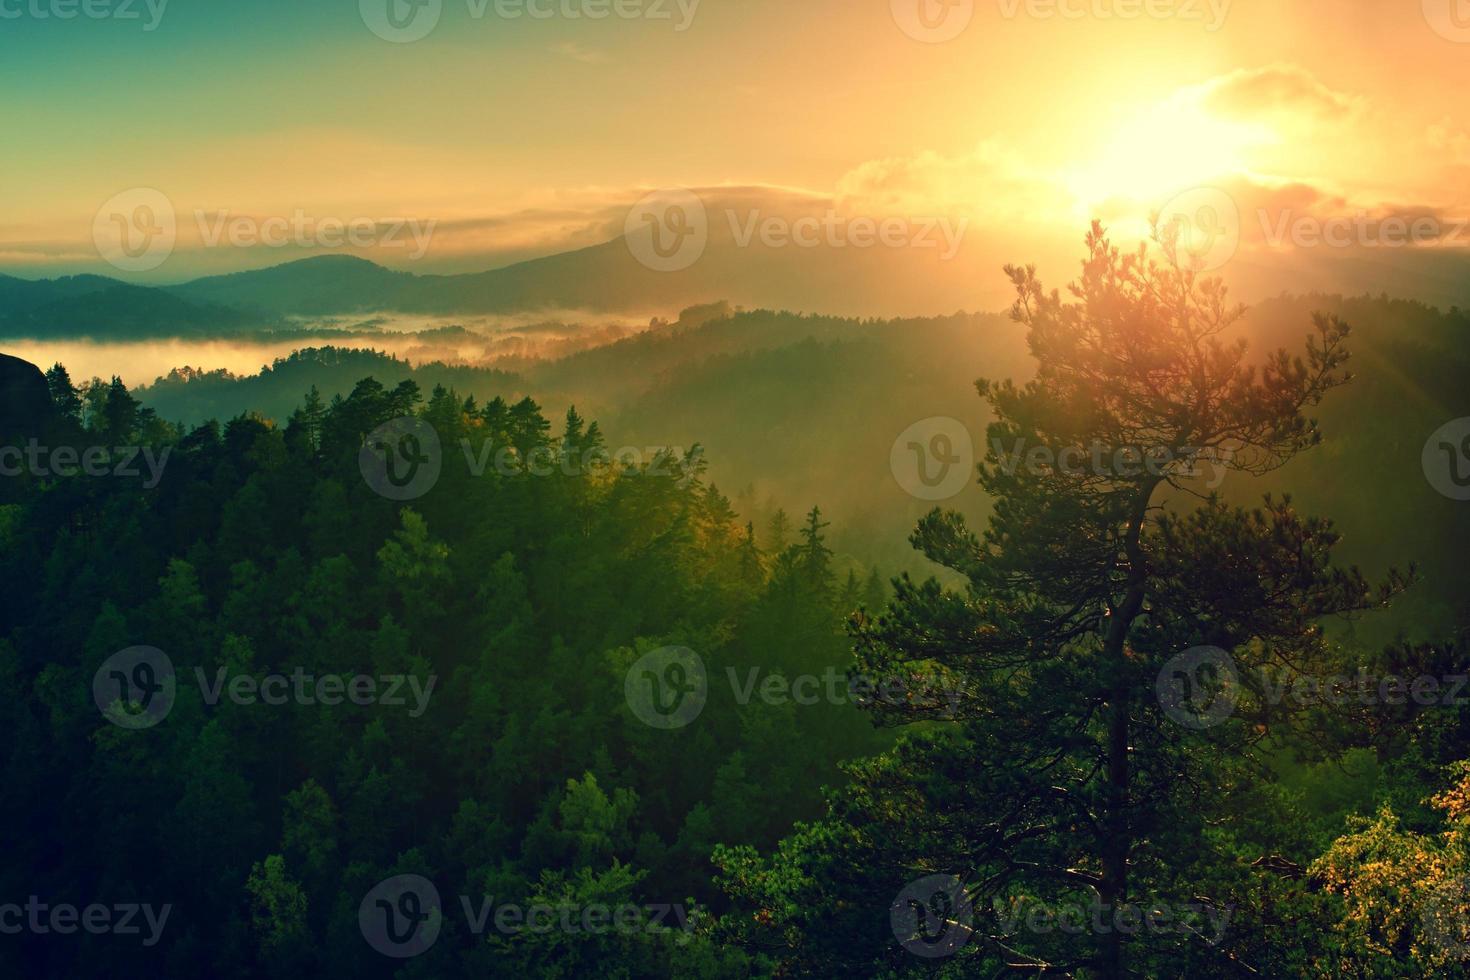 profonda valle nebbiosa all'alba. autunno nebbioso e nebbioso mattina foto